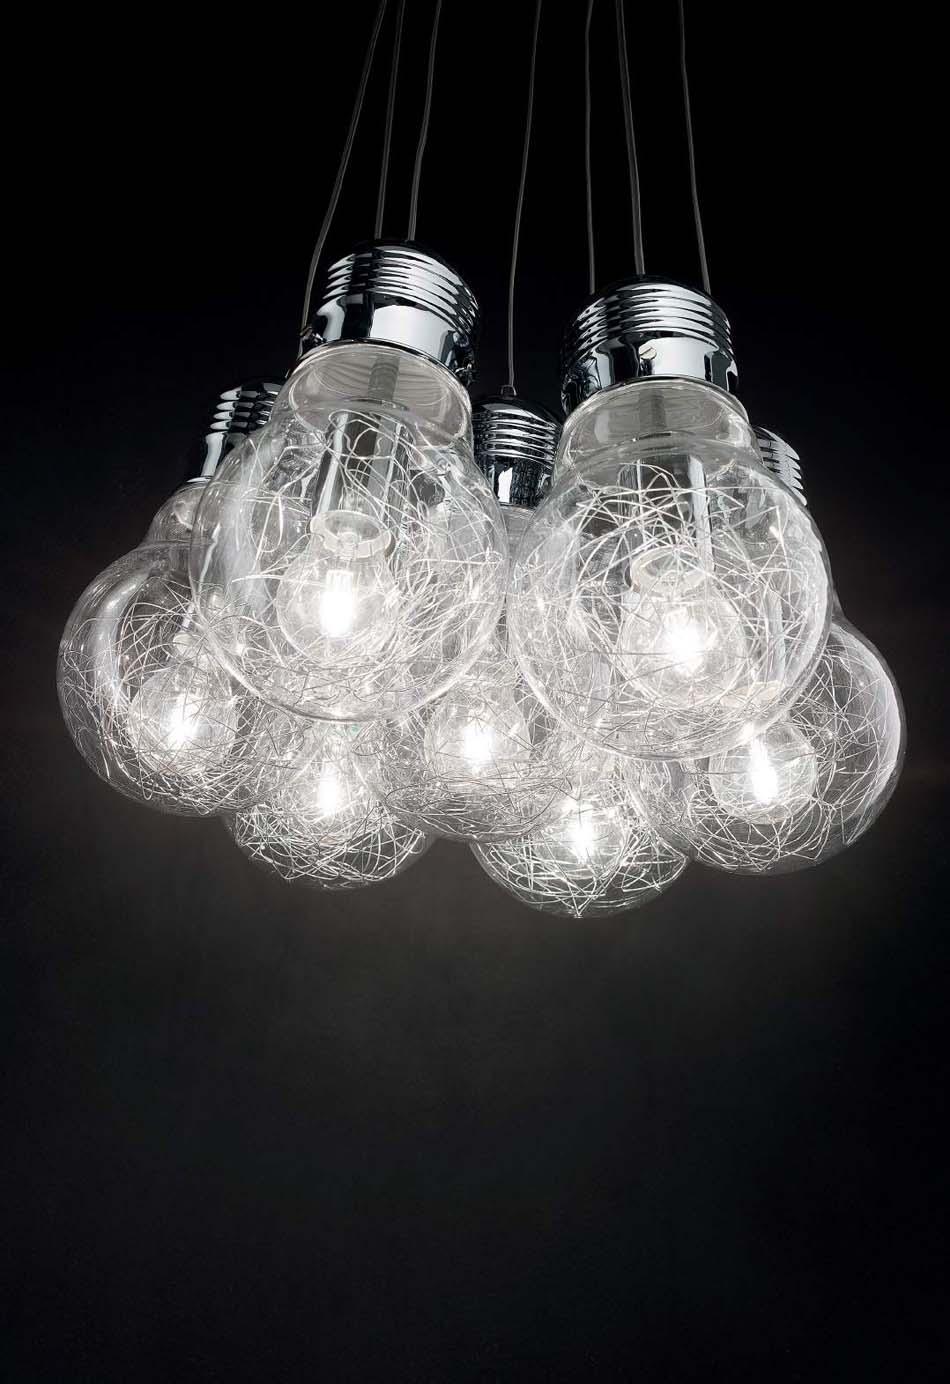 Lampade sospese Ideal Lux Luce Max – Toscana Arredamenti